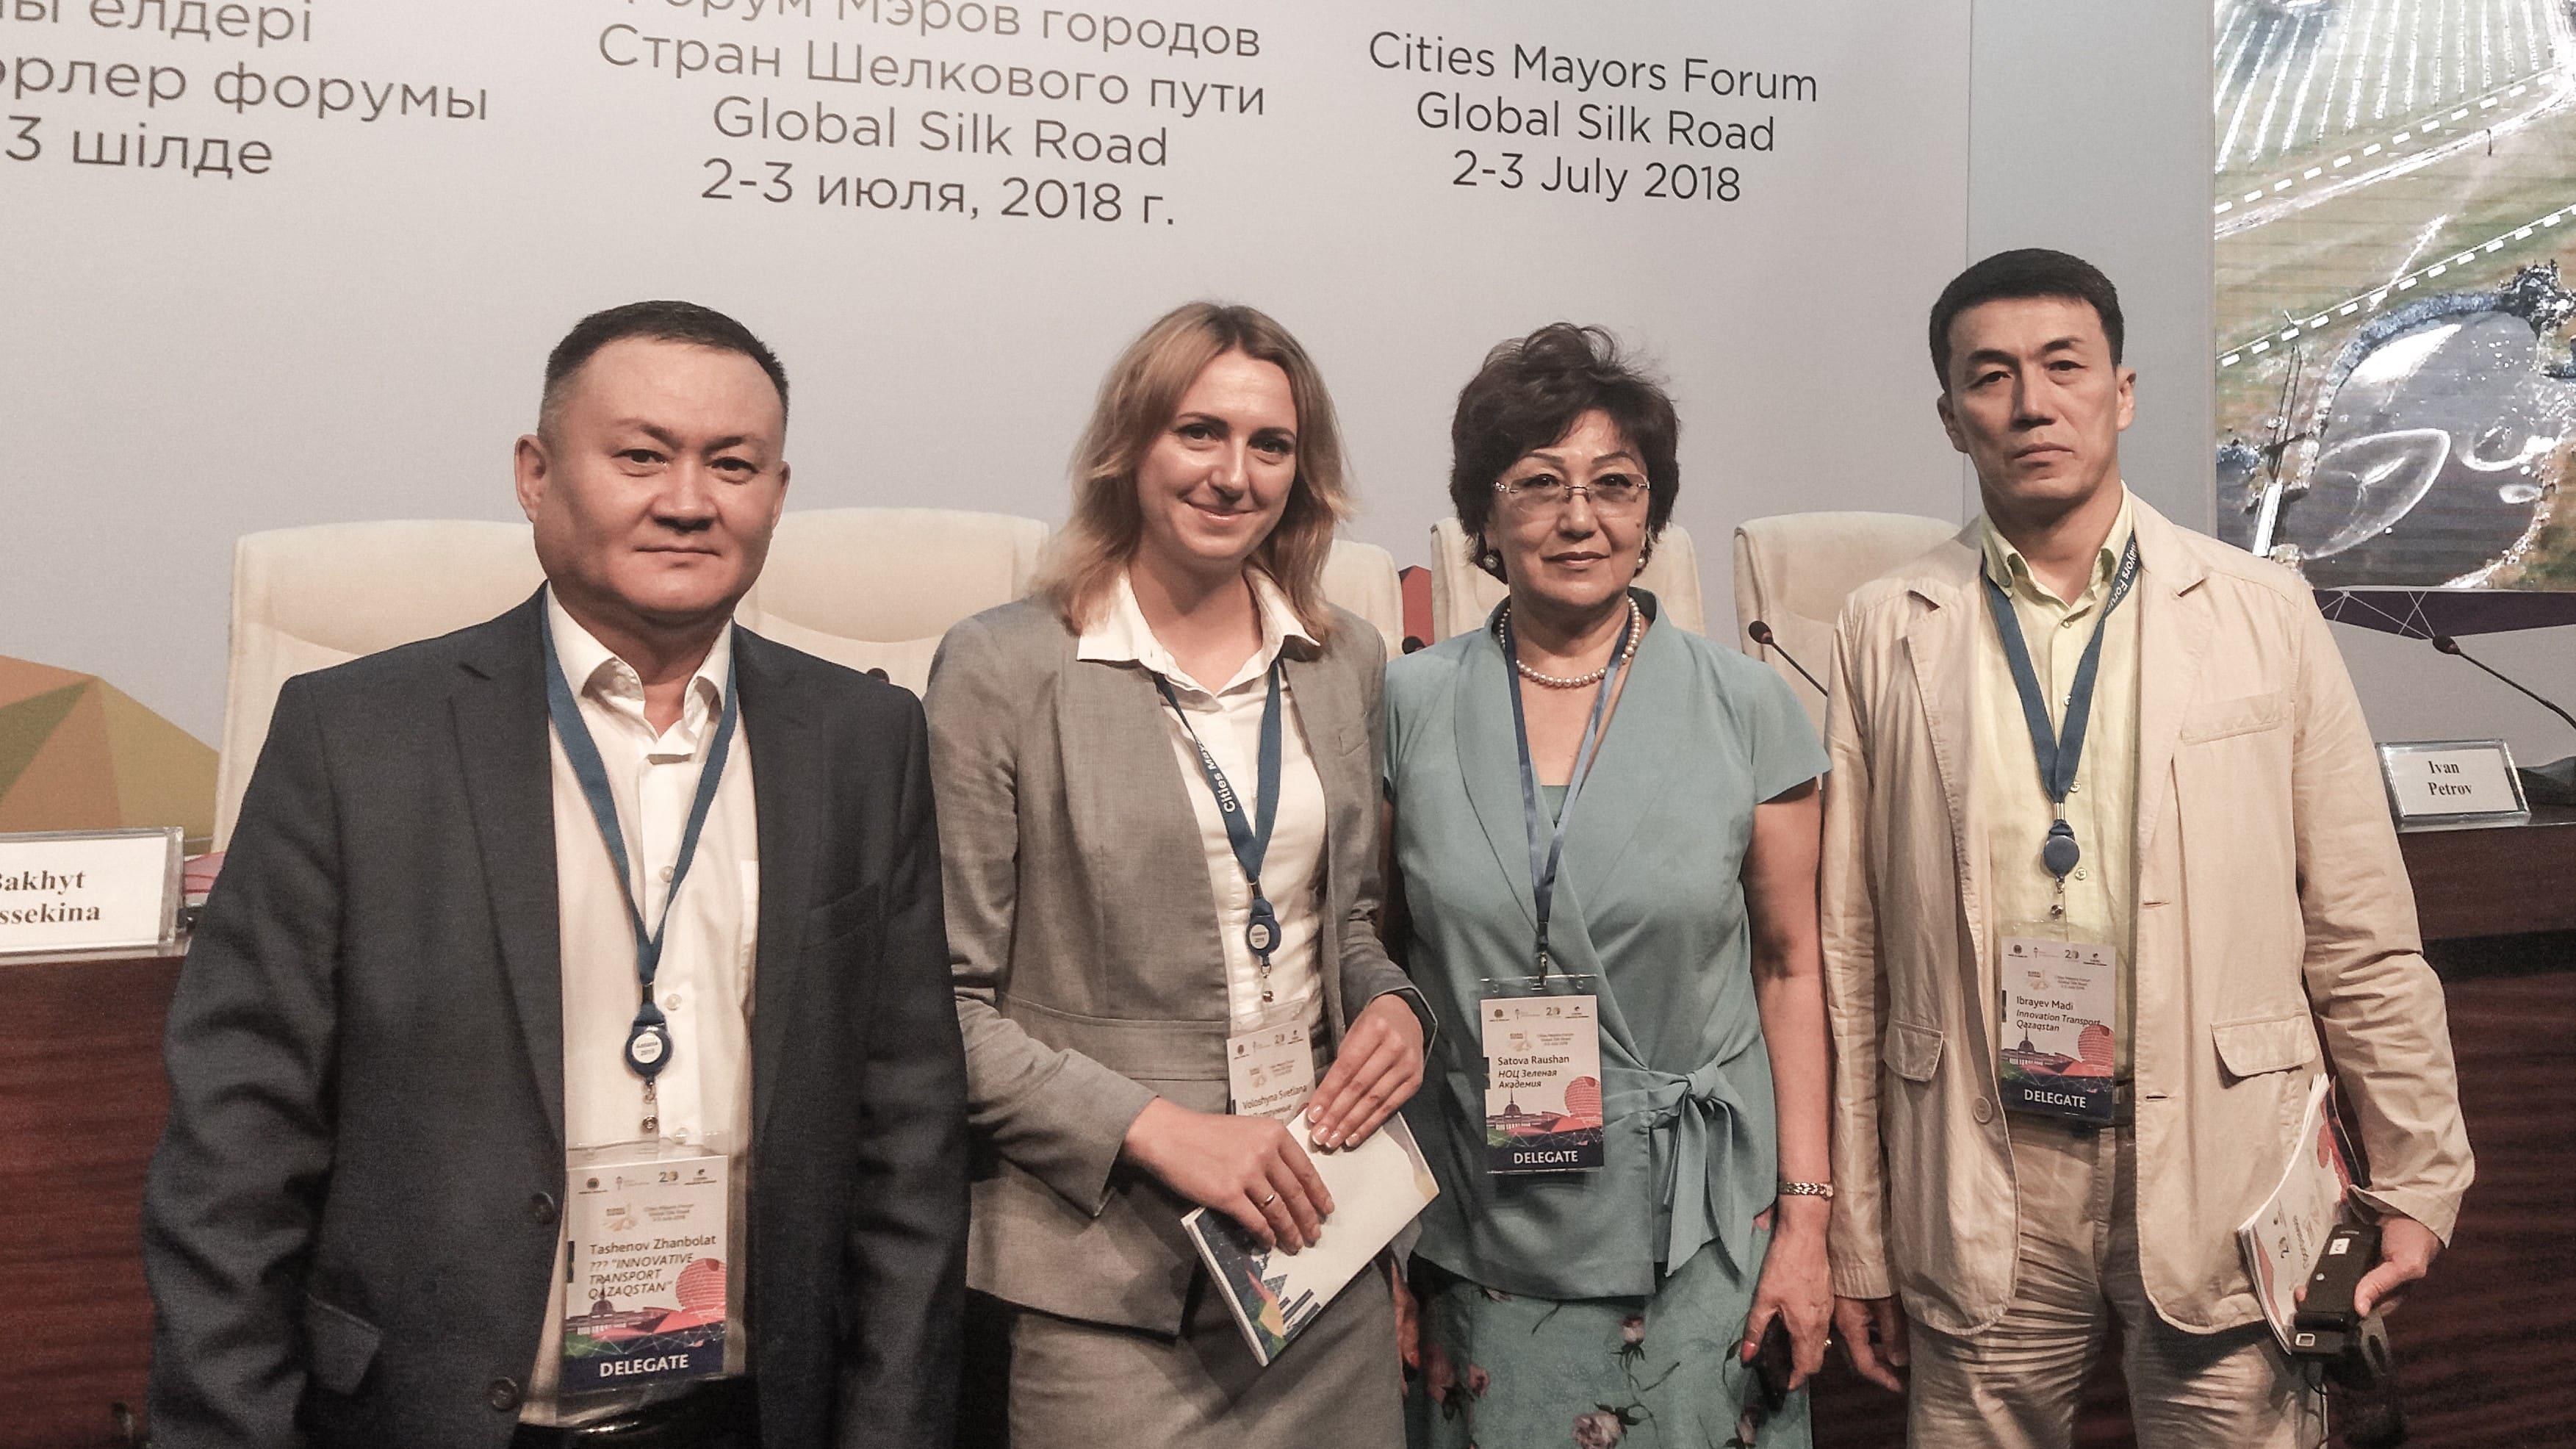 форум мэров городов стран шелкового пути (2)